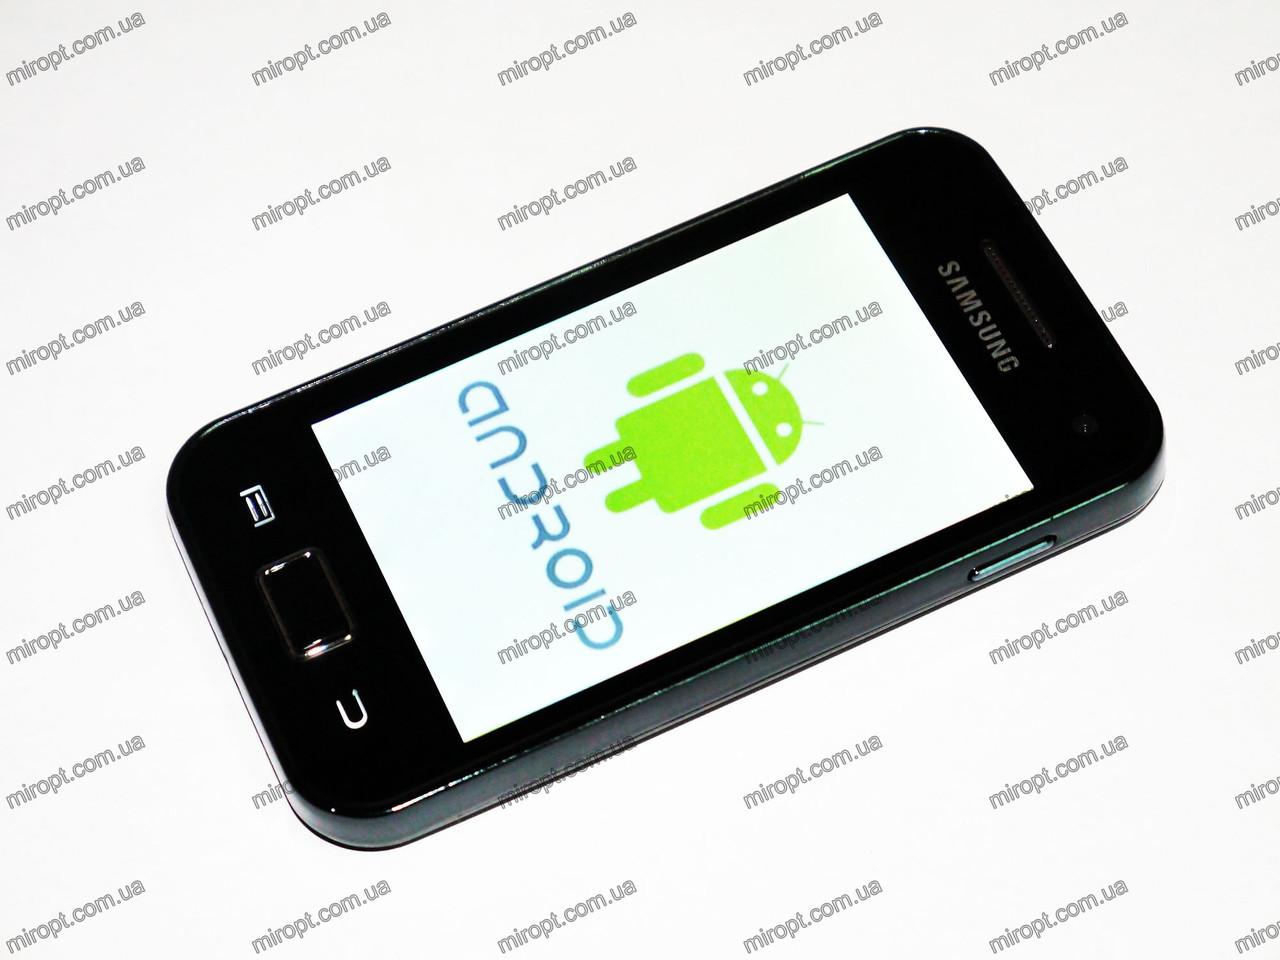 Телефон Samsung Galaxy Ace S5830 Android